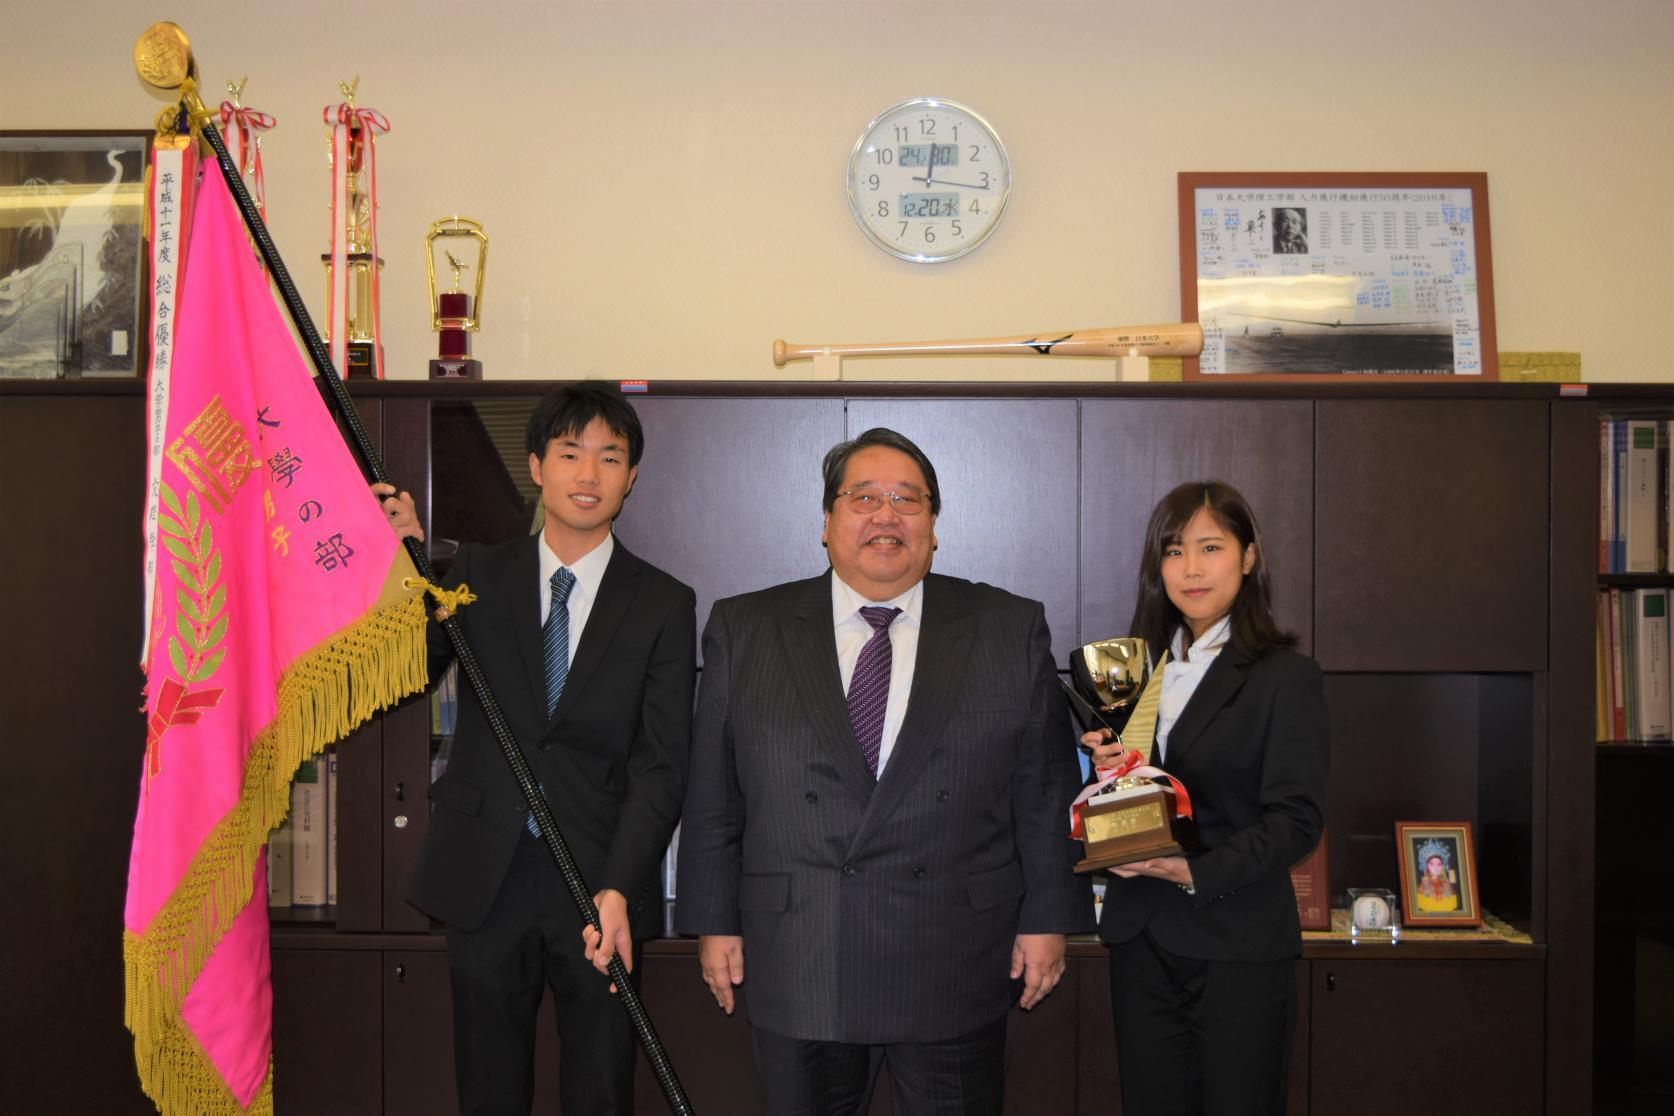 日本大学体育大会で理工学部が男子総合優勝、女子総合第2位となりました。